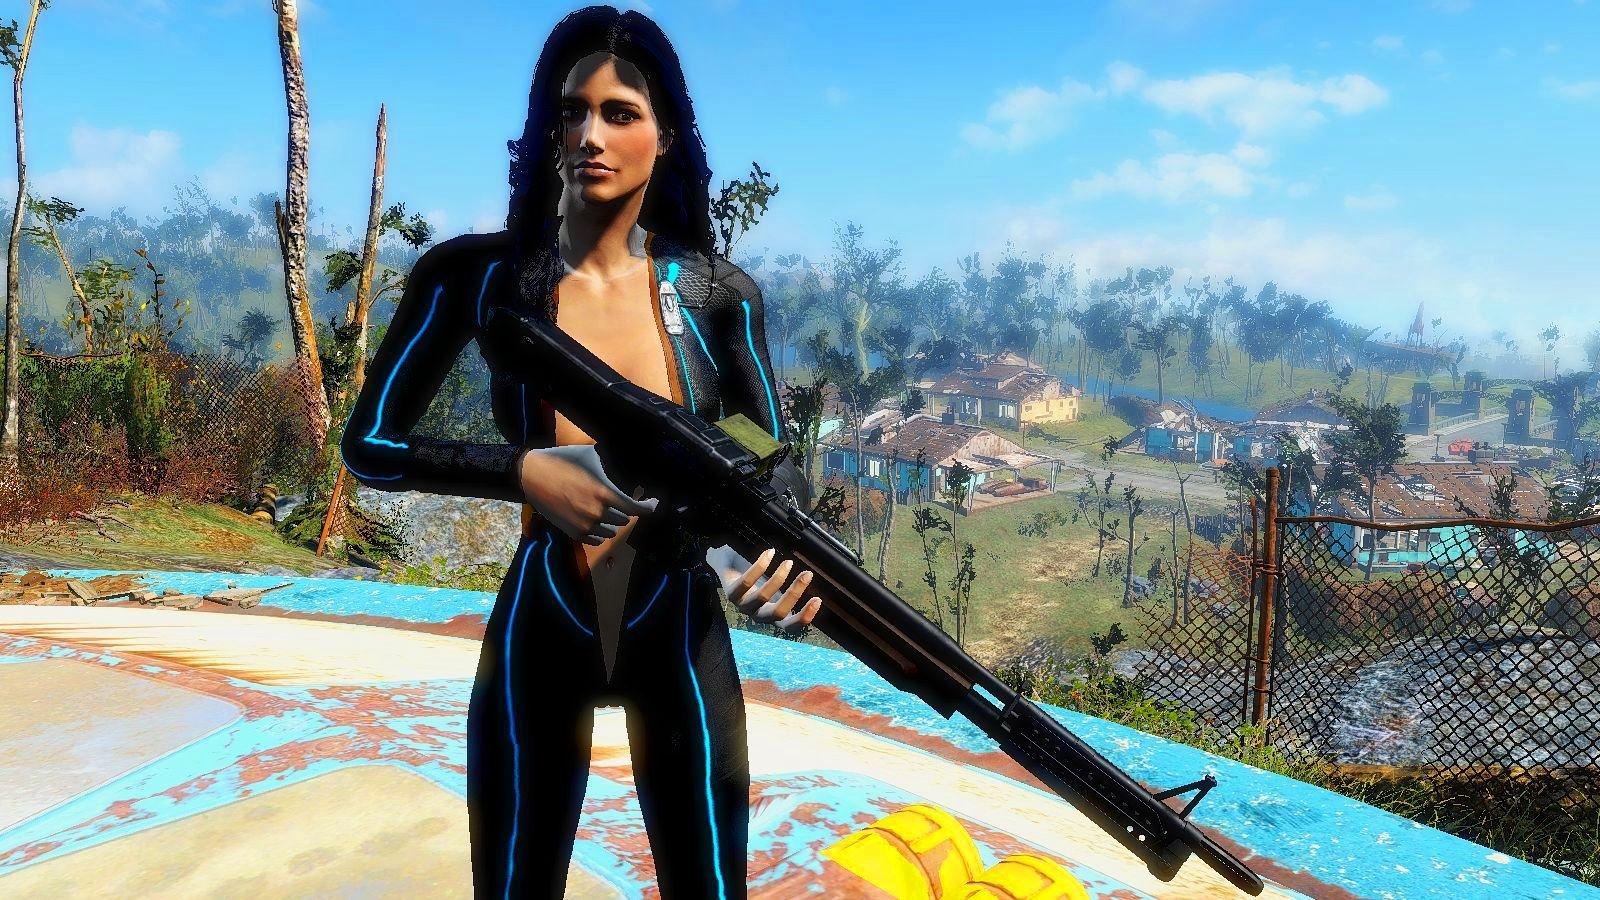 К приключениям готова! Пошли! Fallout-4 (сборка 6.0)